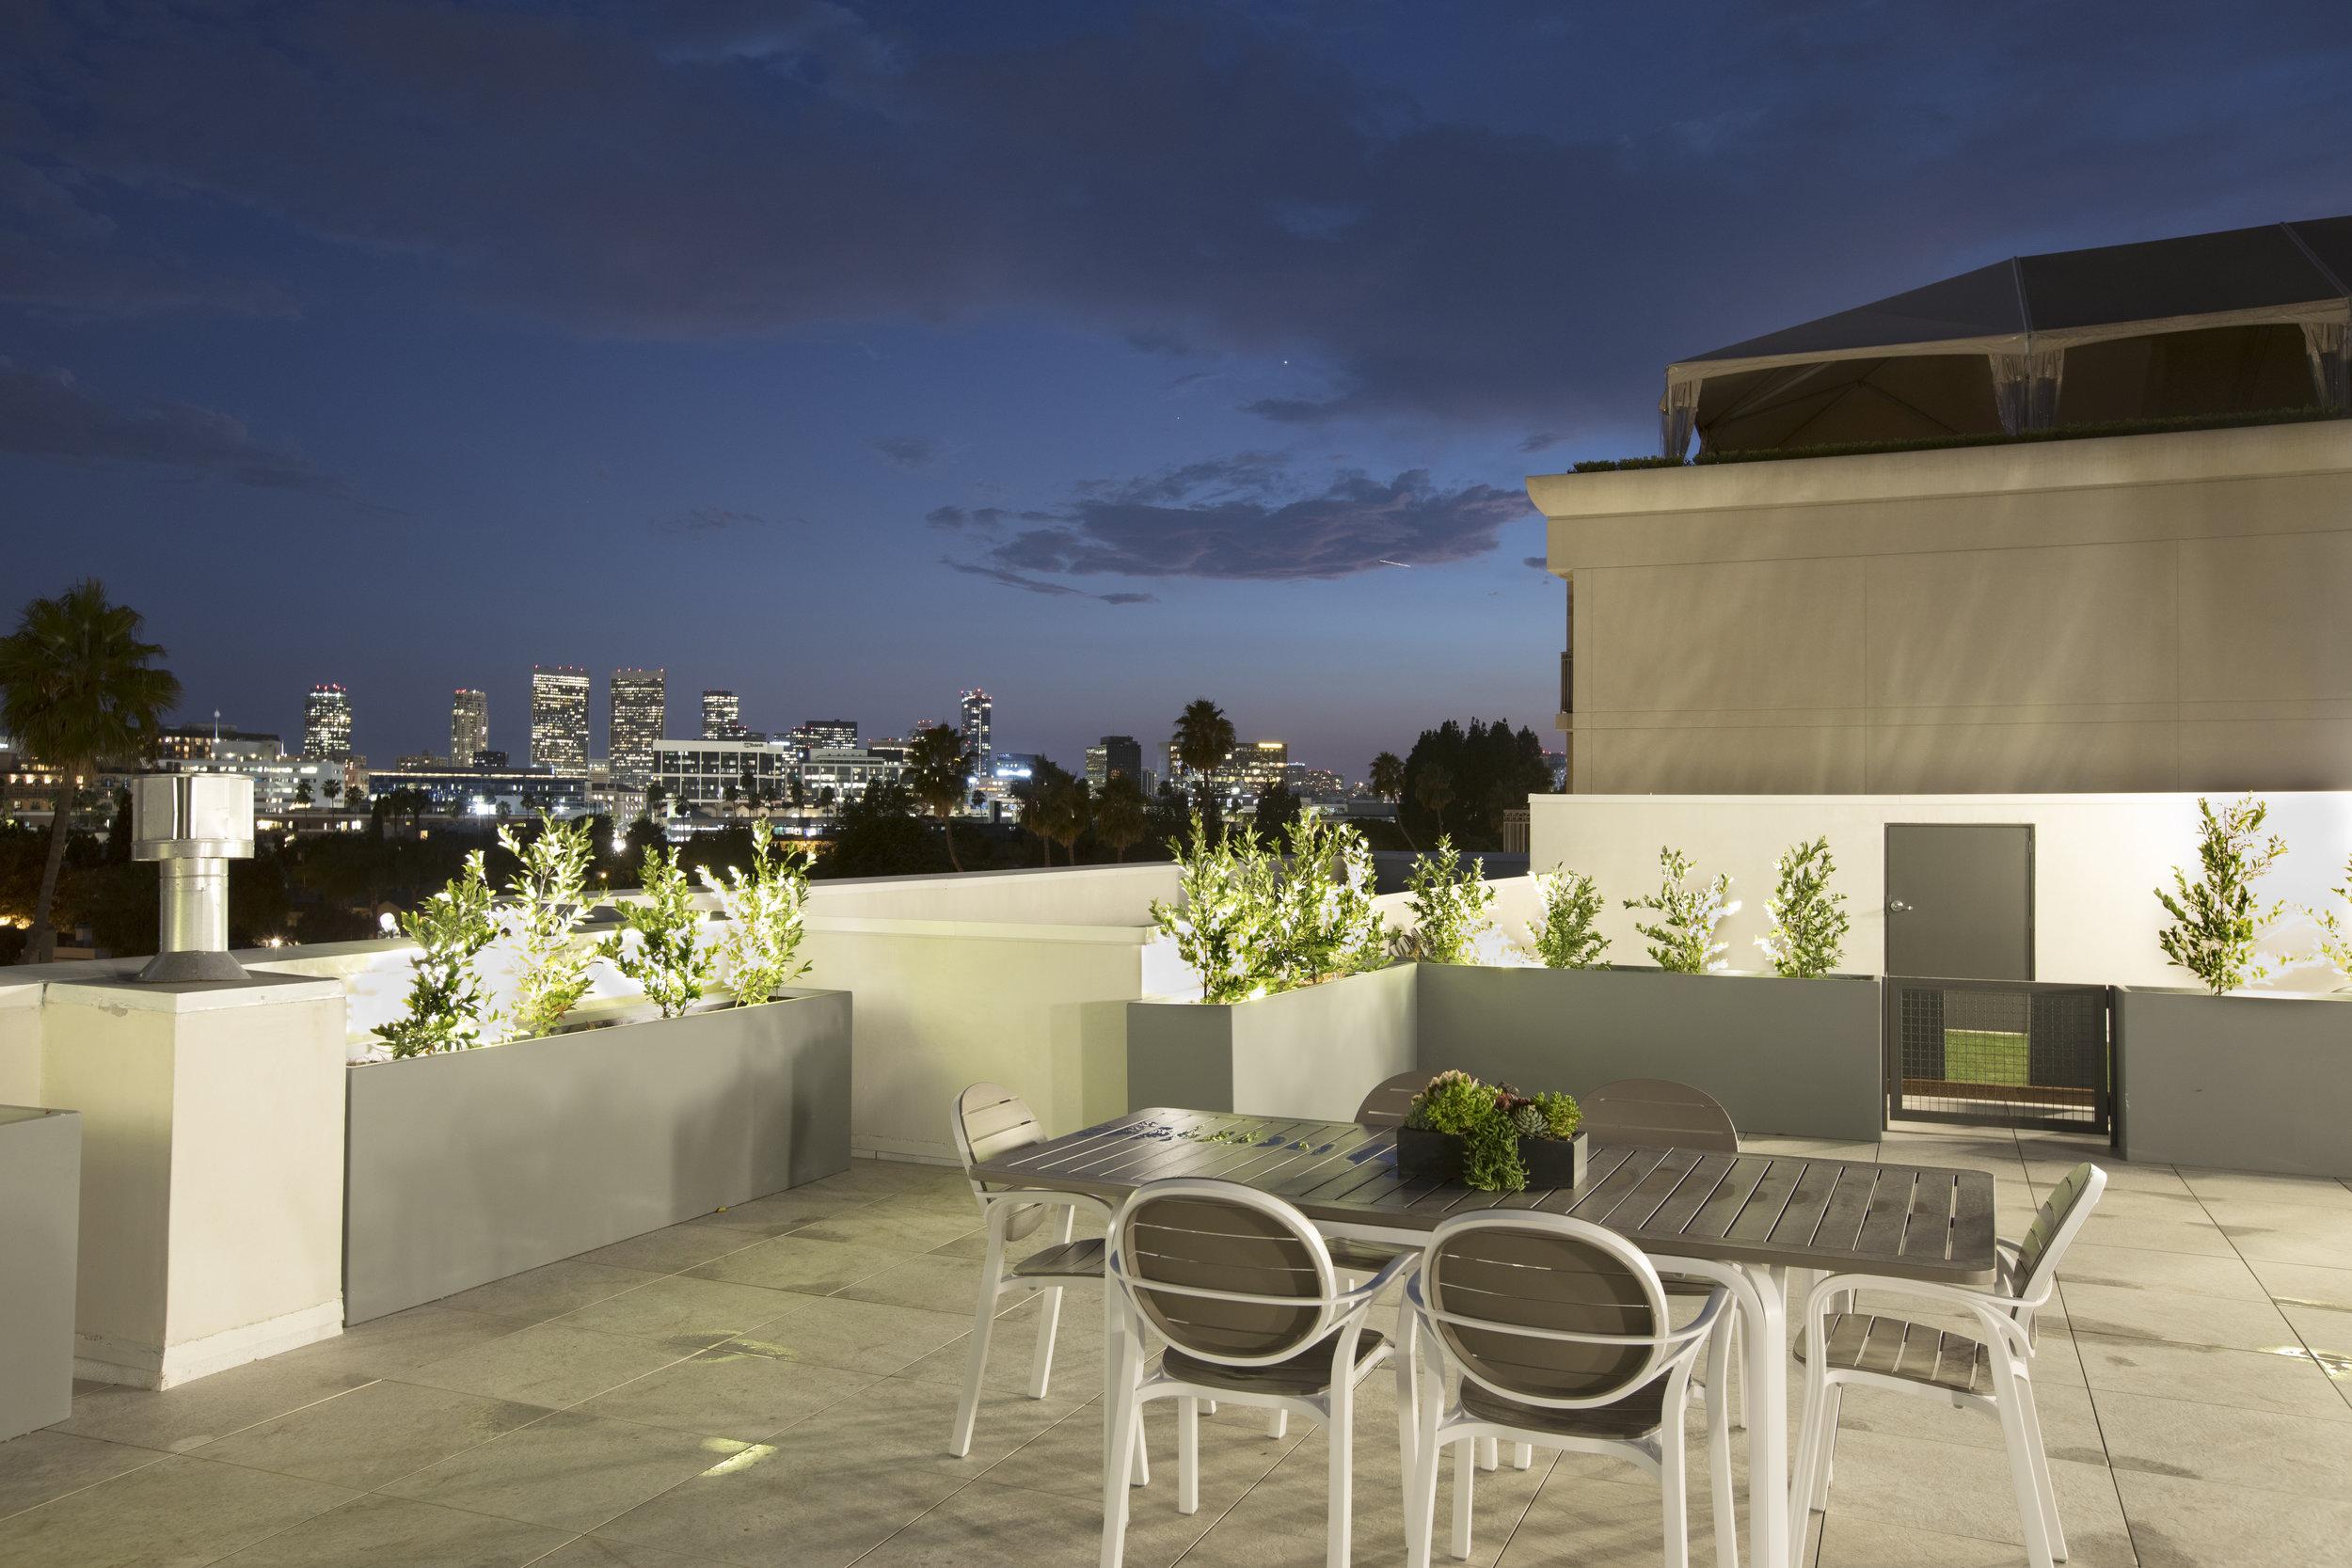 Rooftop Night Century City.jpg